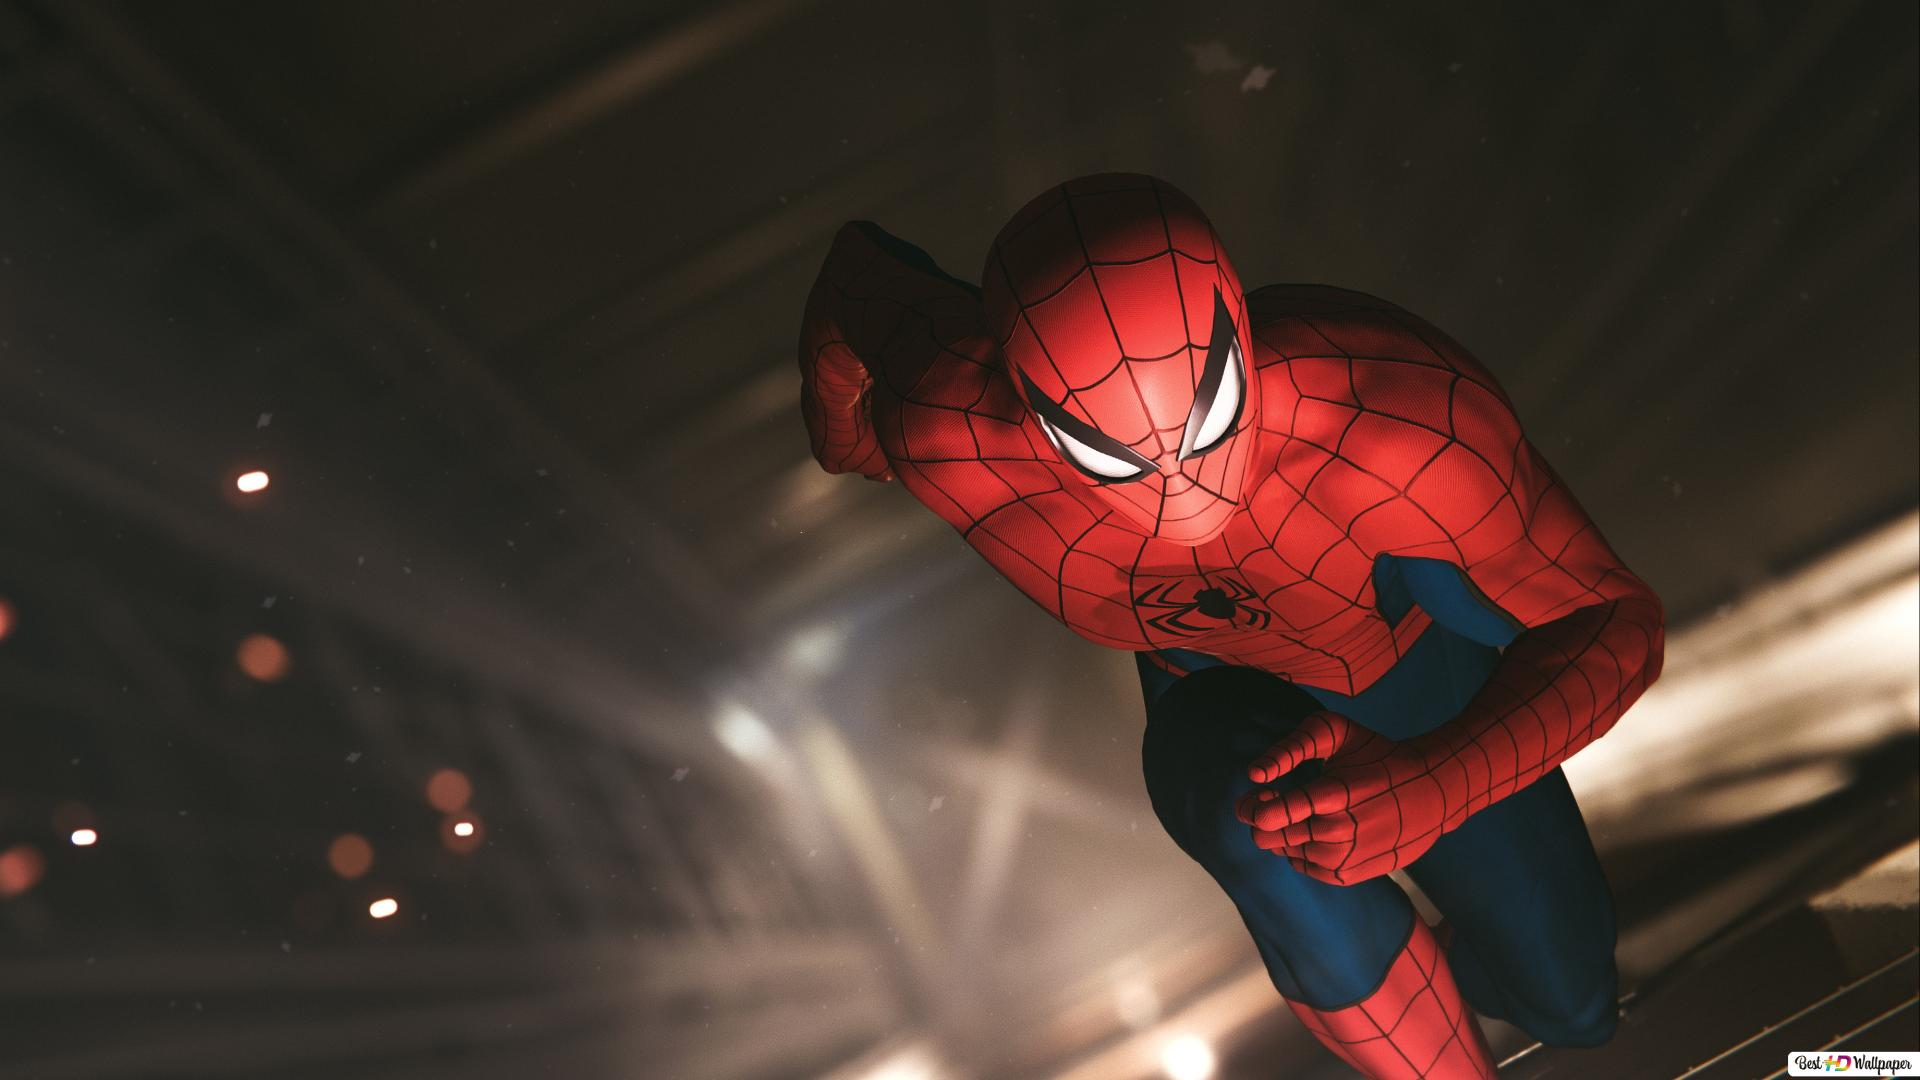 Descargar Fondo De Pantalla Juego De Spider Man 2018